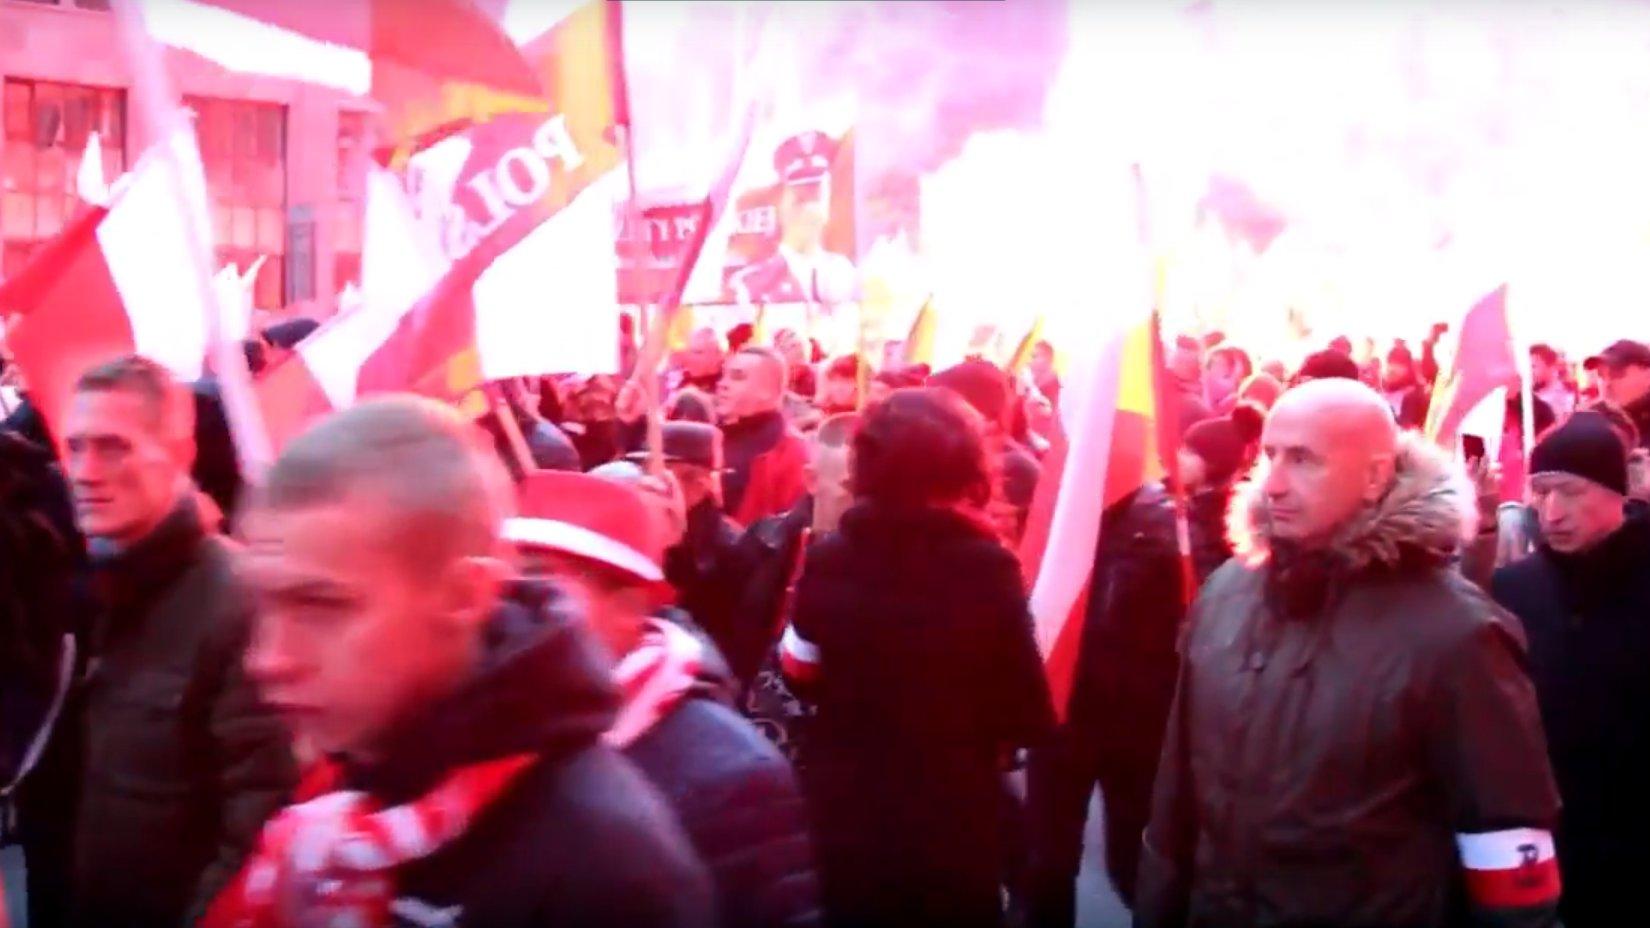 Warschau: Riesiger Nationalisten-Aufmarsch am Unabhängigkeitstag